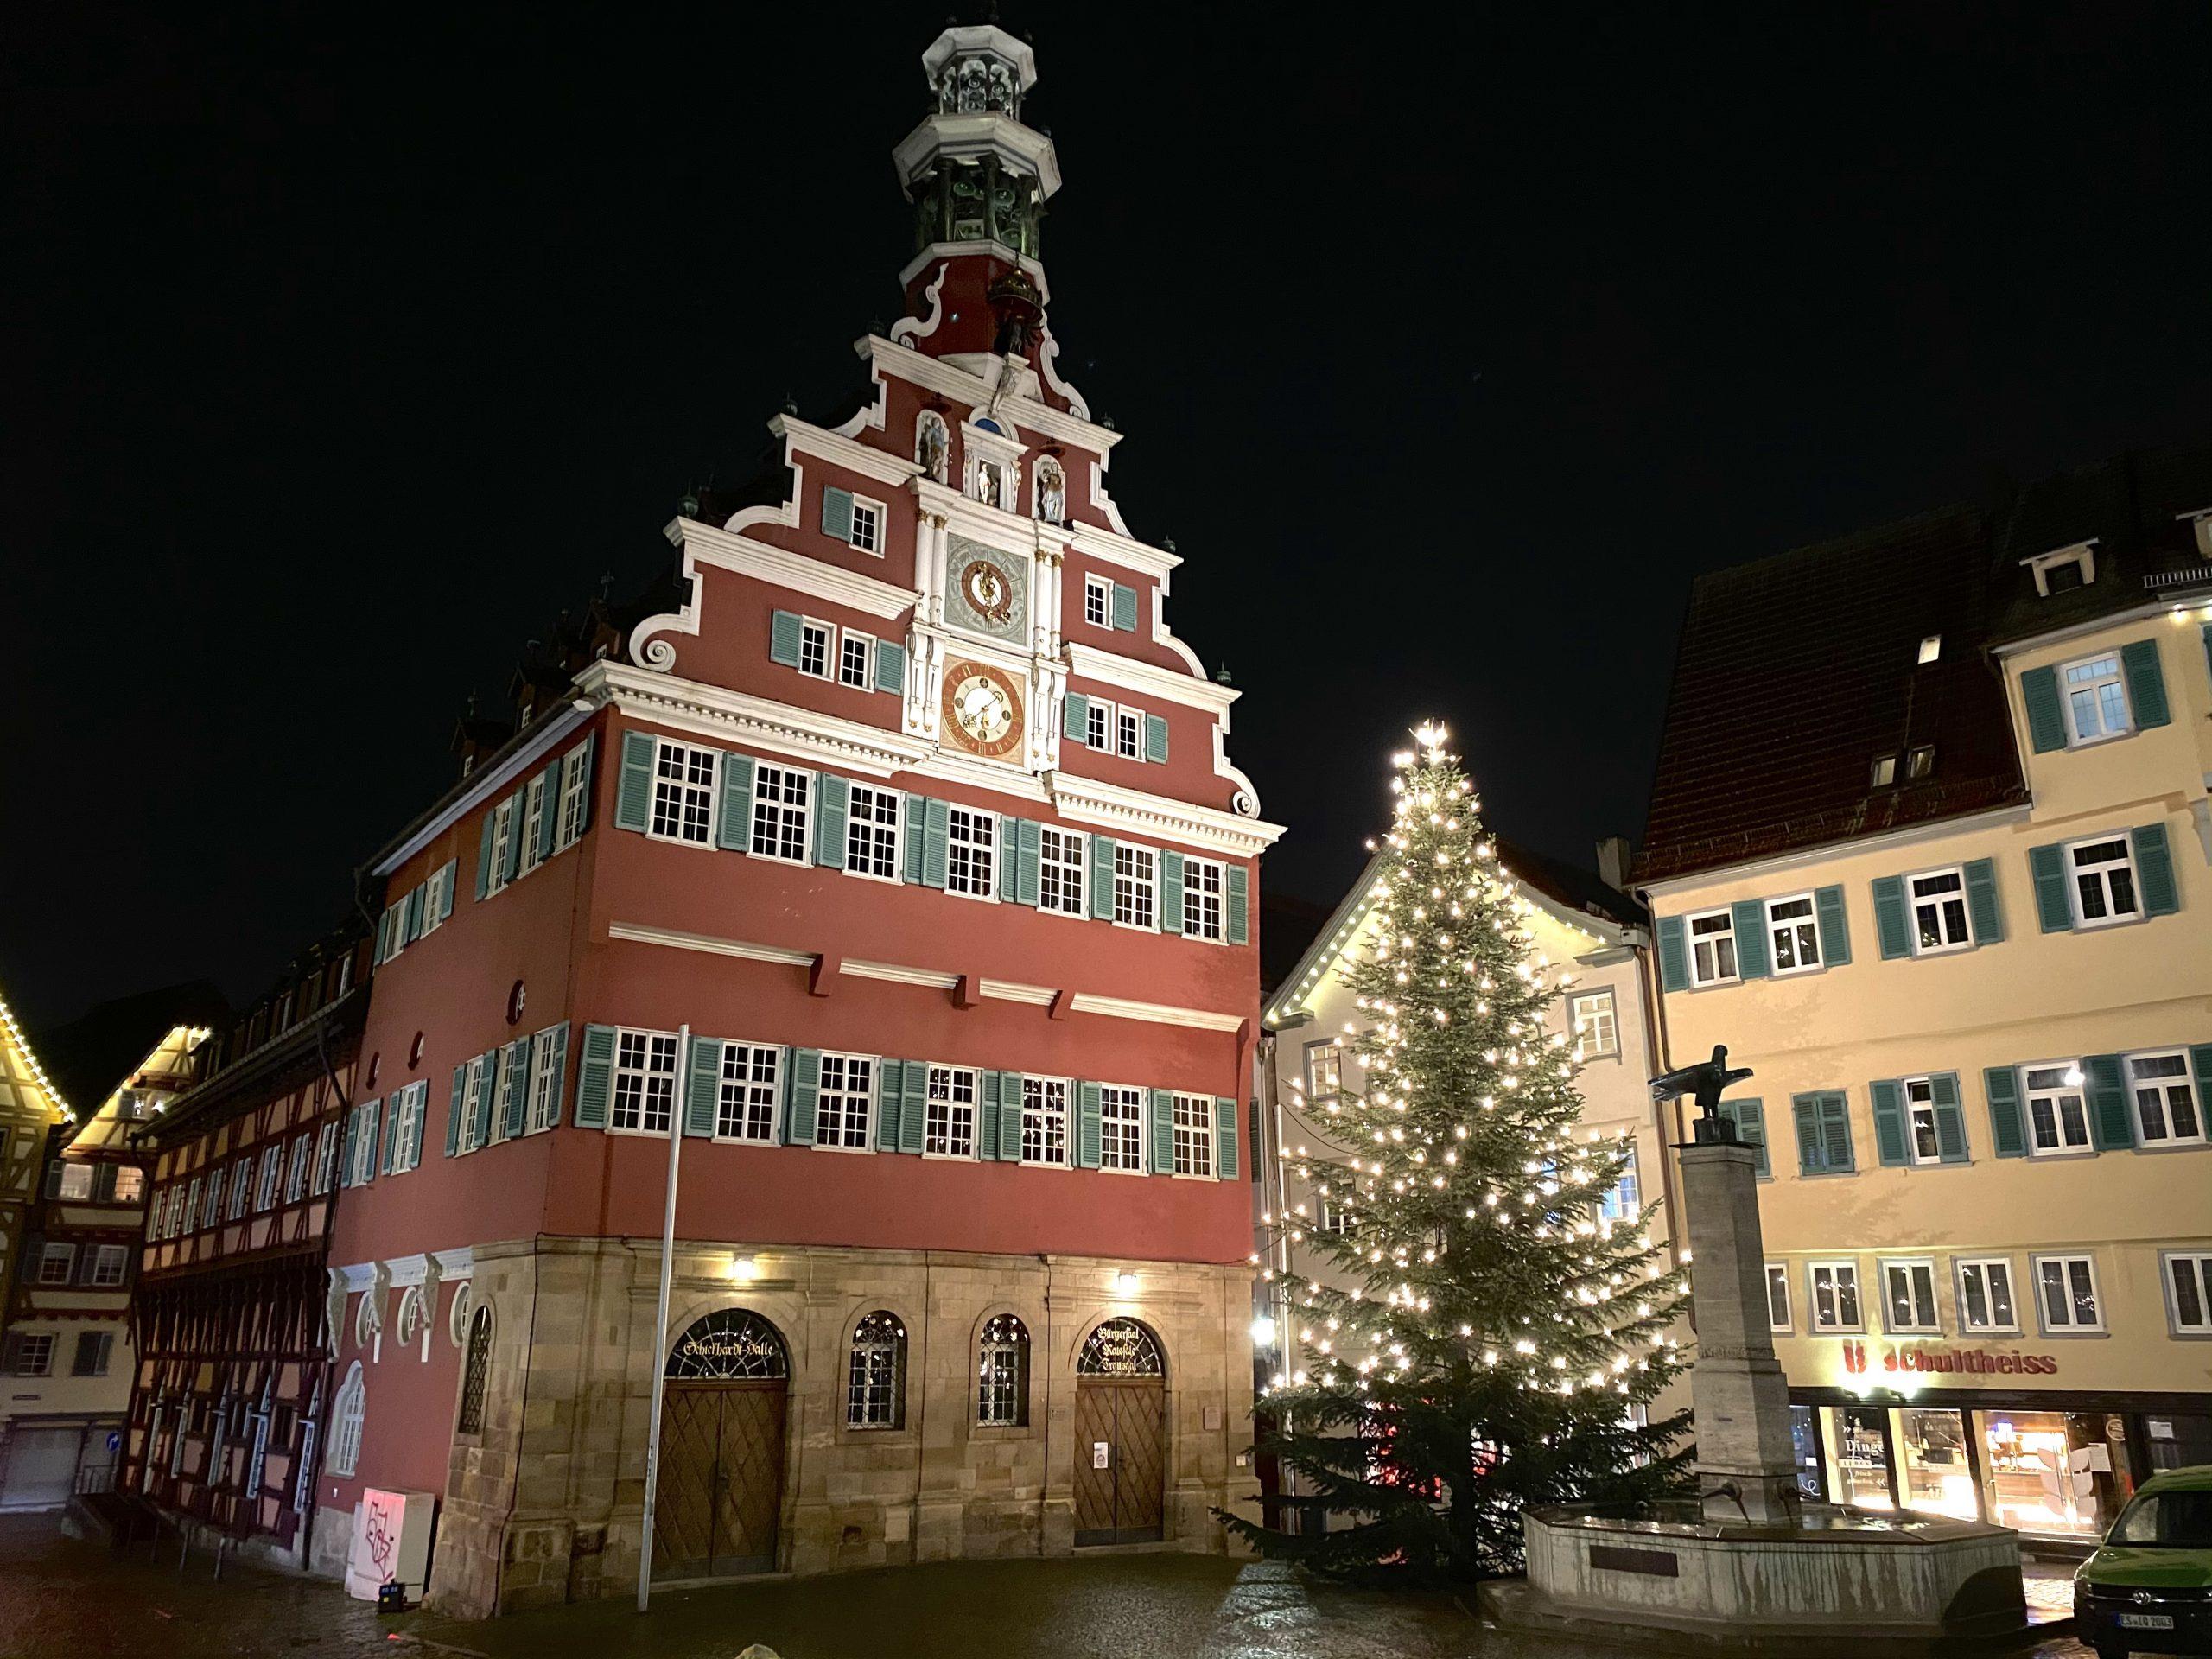 """Die Gemeinderatsfraktion der Freien Wähler und der Verein der Freien Wähler Esslingen wünschen ihnen harmonische und zufriedene Weihnachtsfest und viel Zuversicht, Hoffnung und Gesundheit für das neue Jahr."""" sagt der Vereinsvorsitzende Hermann Falch"""